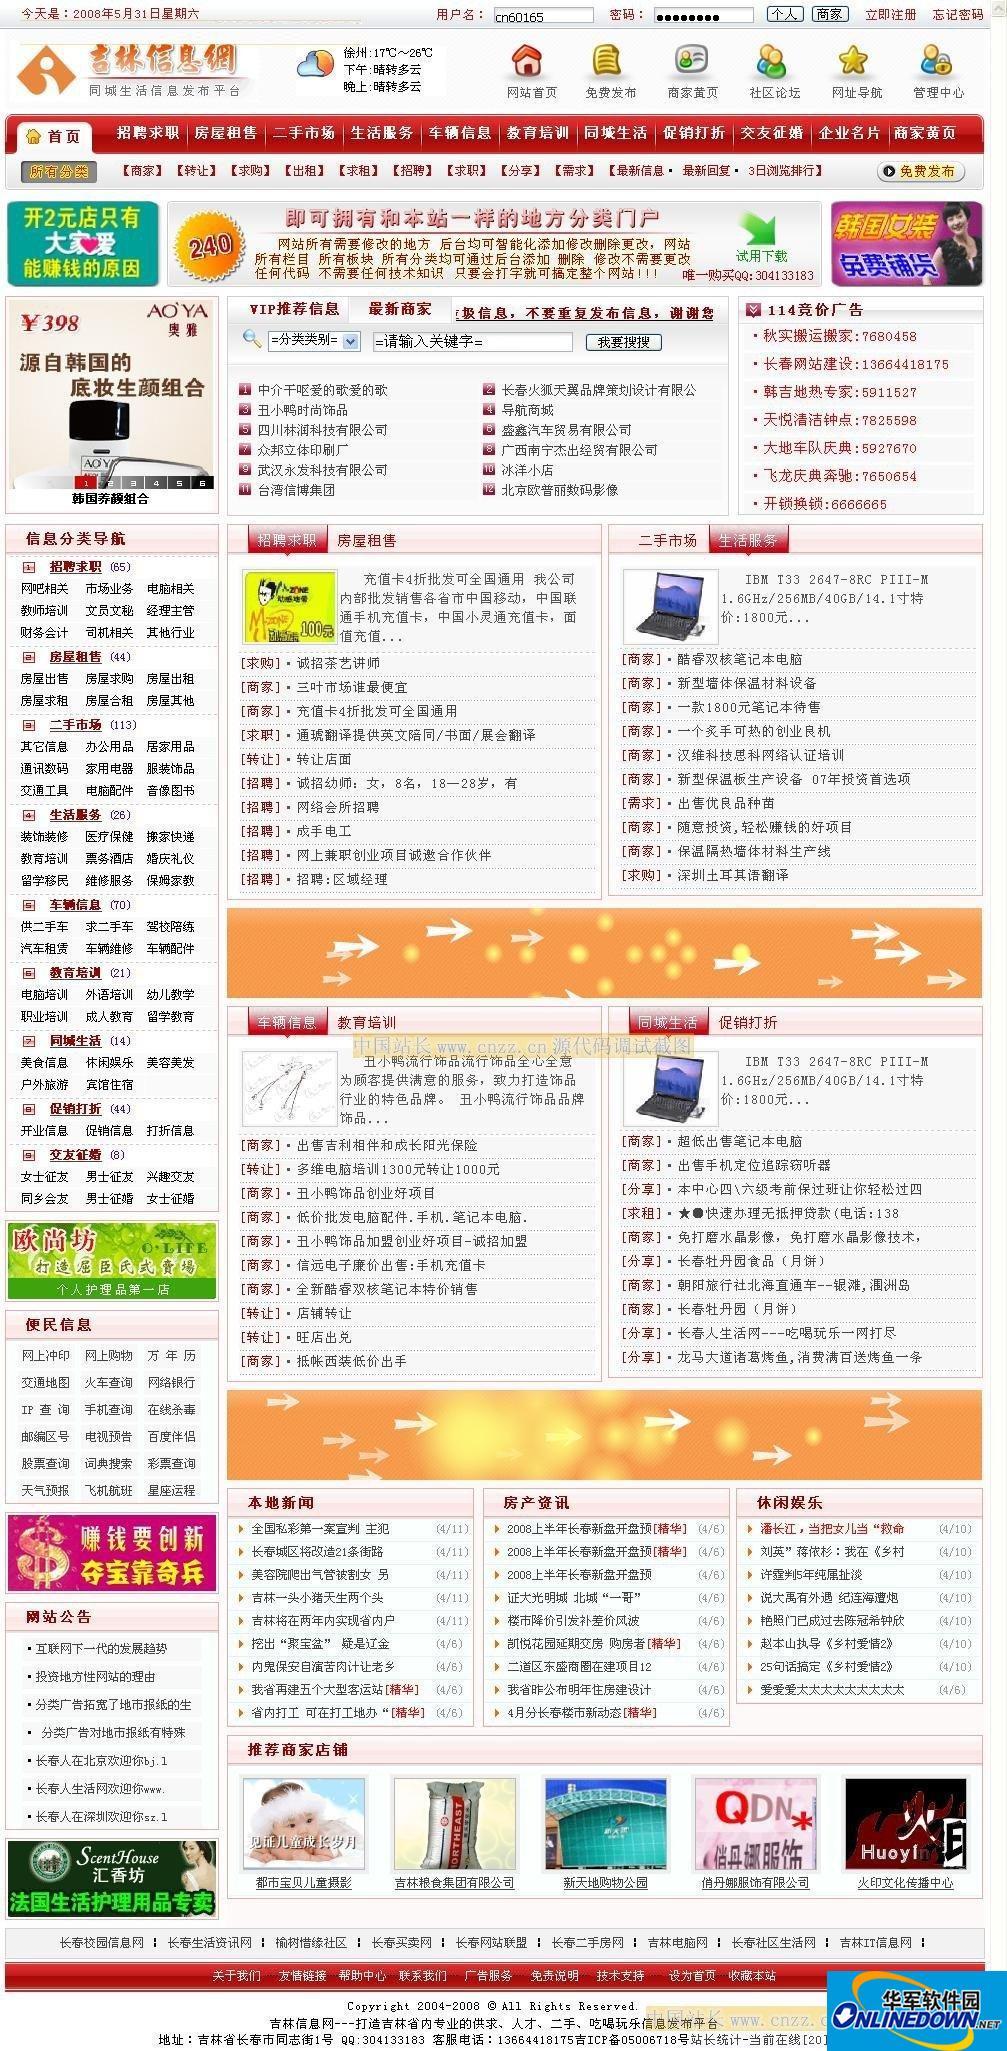 吉林分类信息发布系统 5.0 试用版